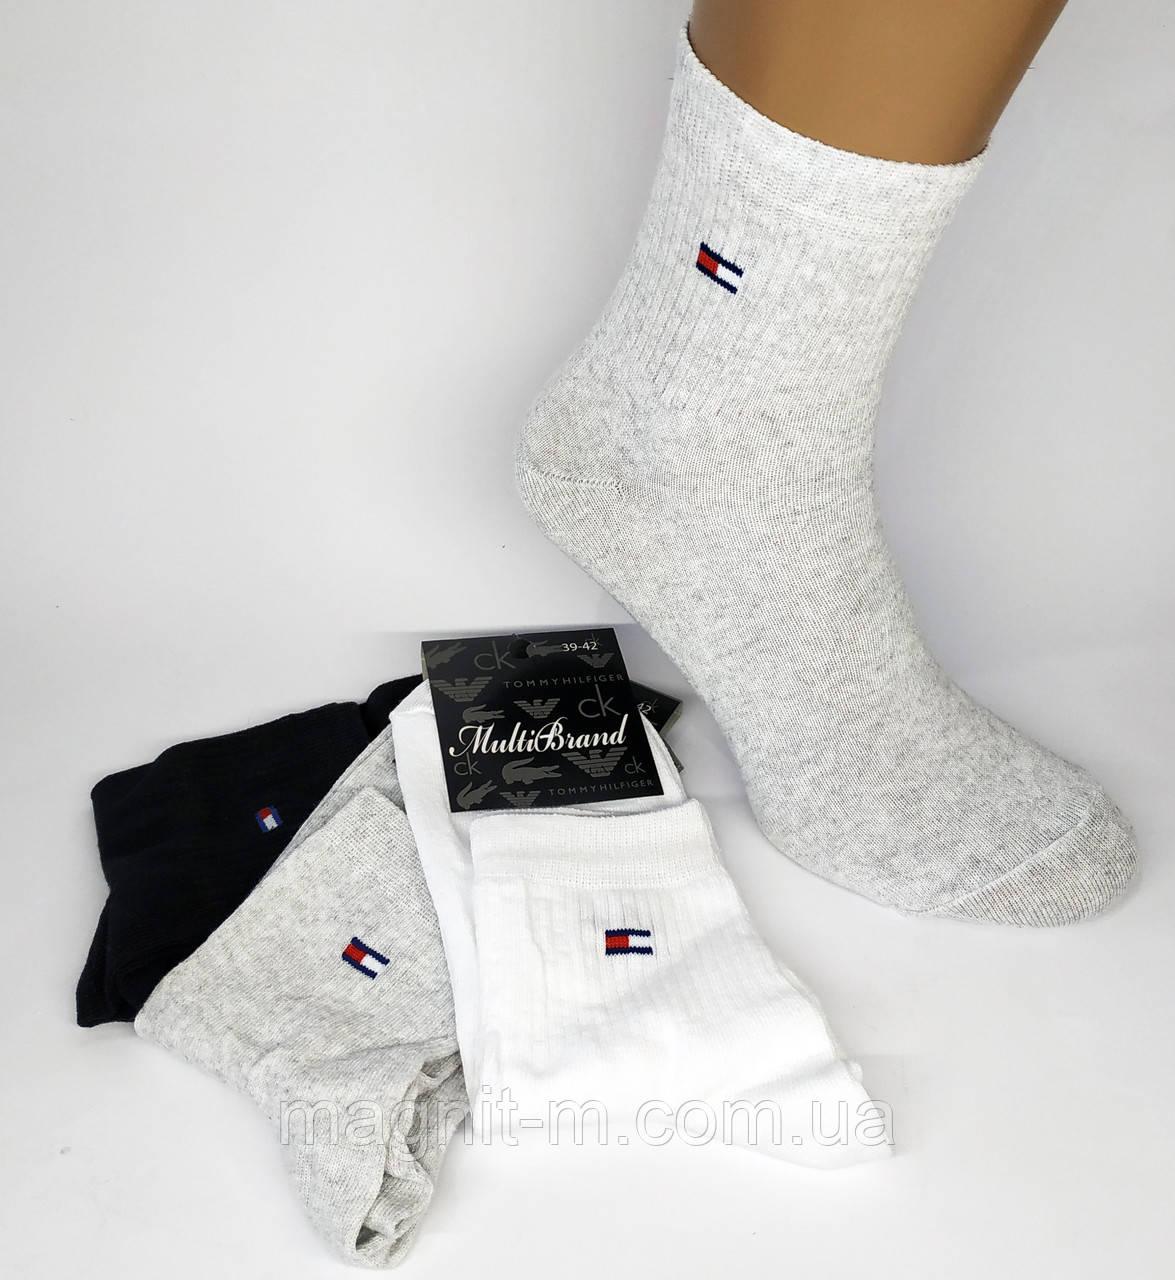 """Мужские спортивные носки """"Multi Brand"""". Р-р 42-45. Средней высоты. (Розница)."""